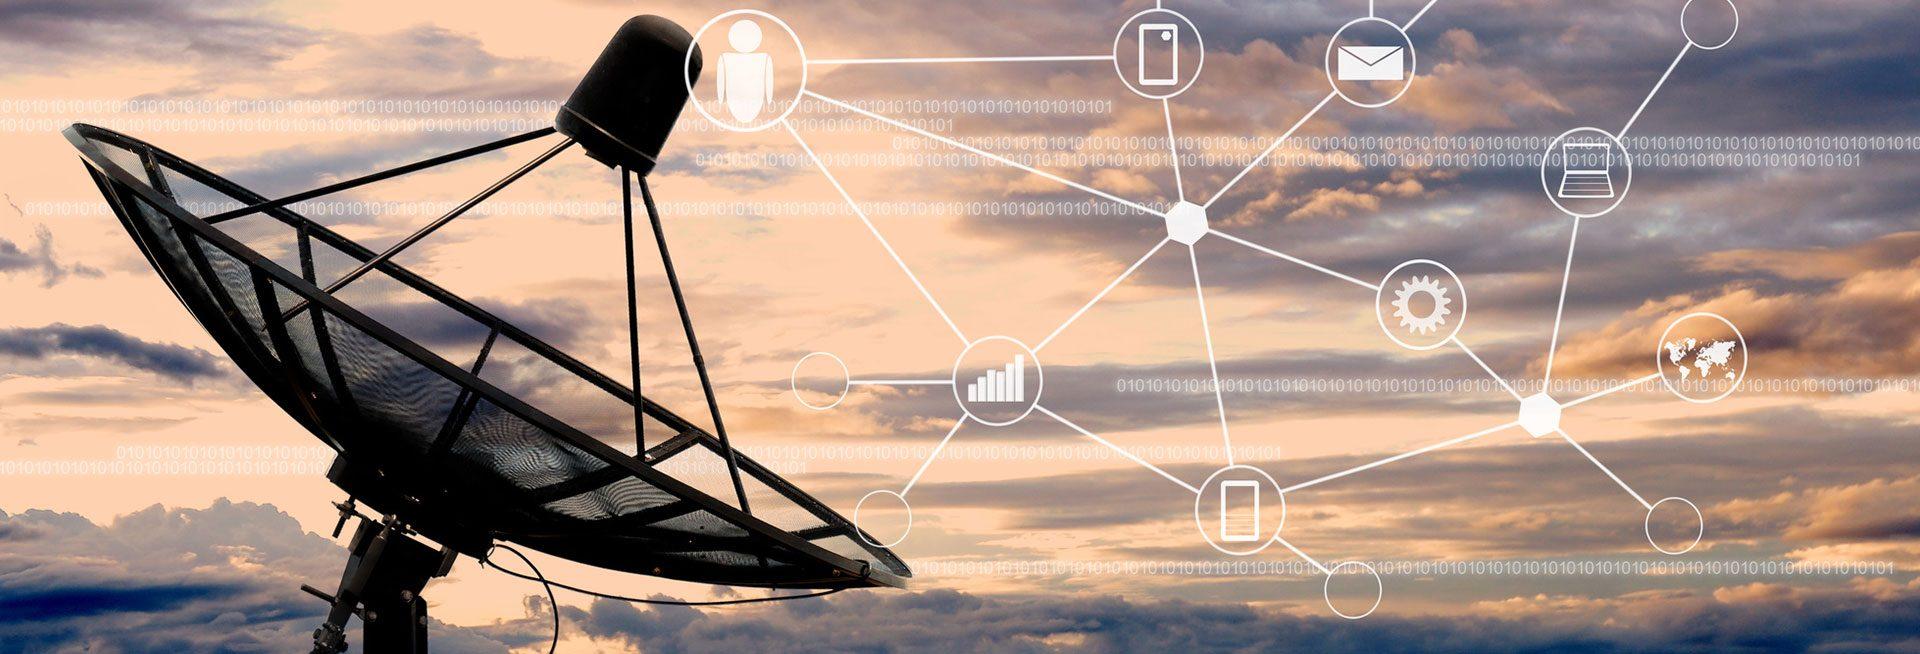 famo-rundfunk-und-antennentechnik